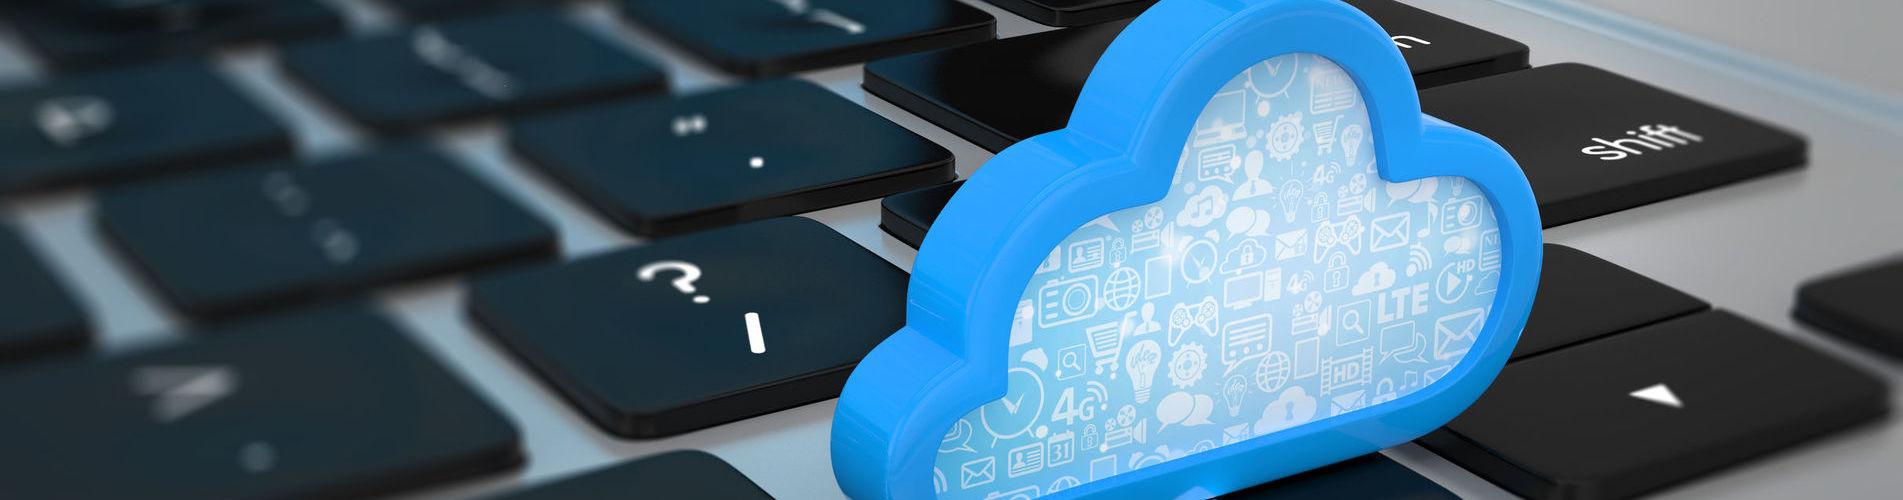 Cloud, come cambia l'offerta ICT in termini di servizi e competenze